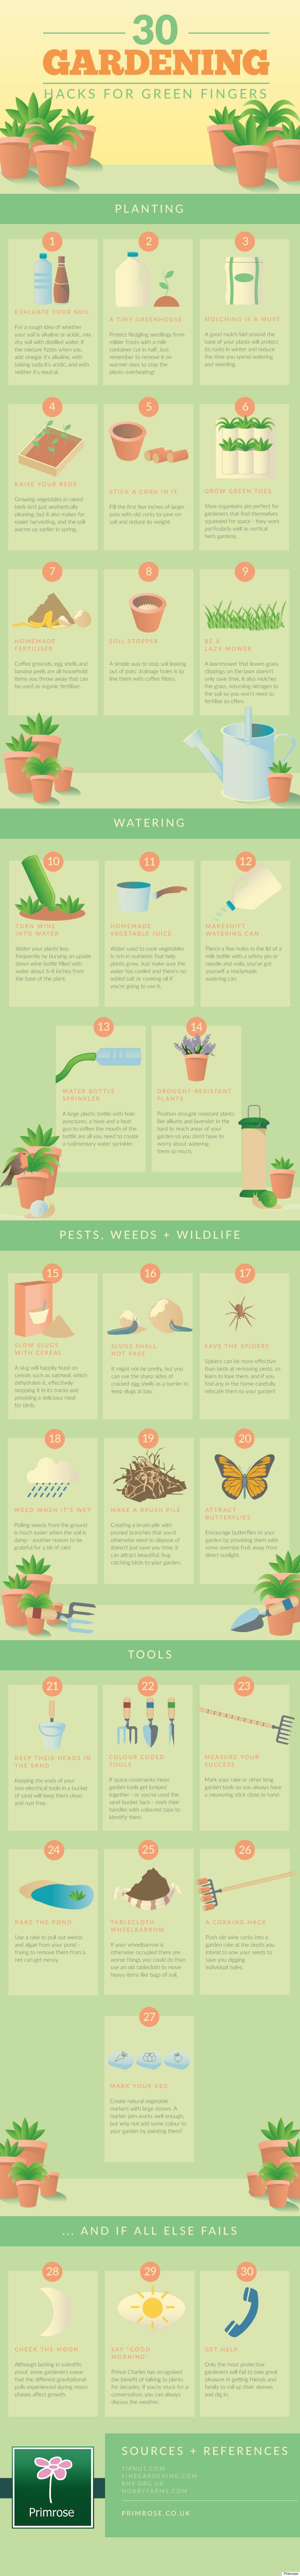 30 DIY Gardening Hacks